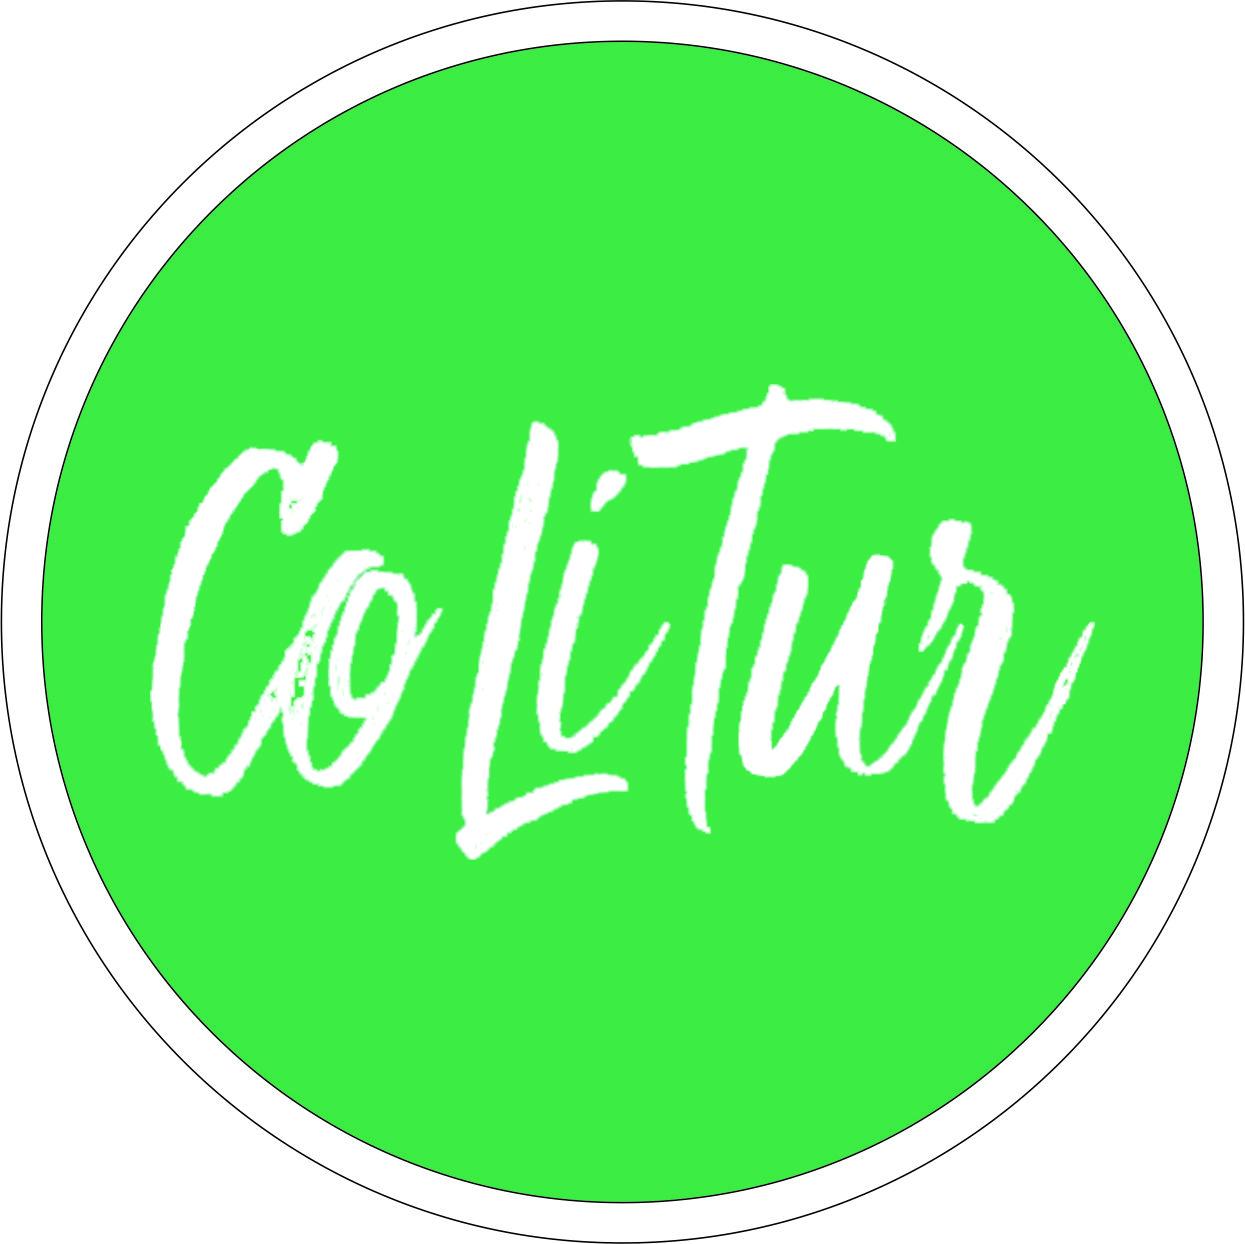 Colitur